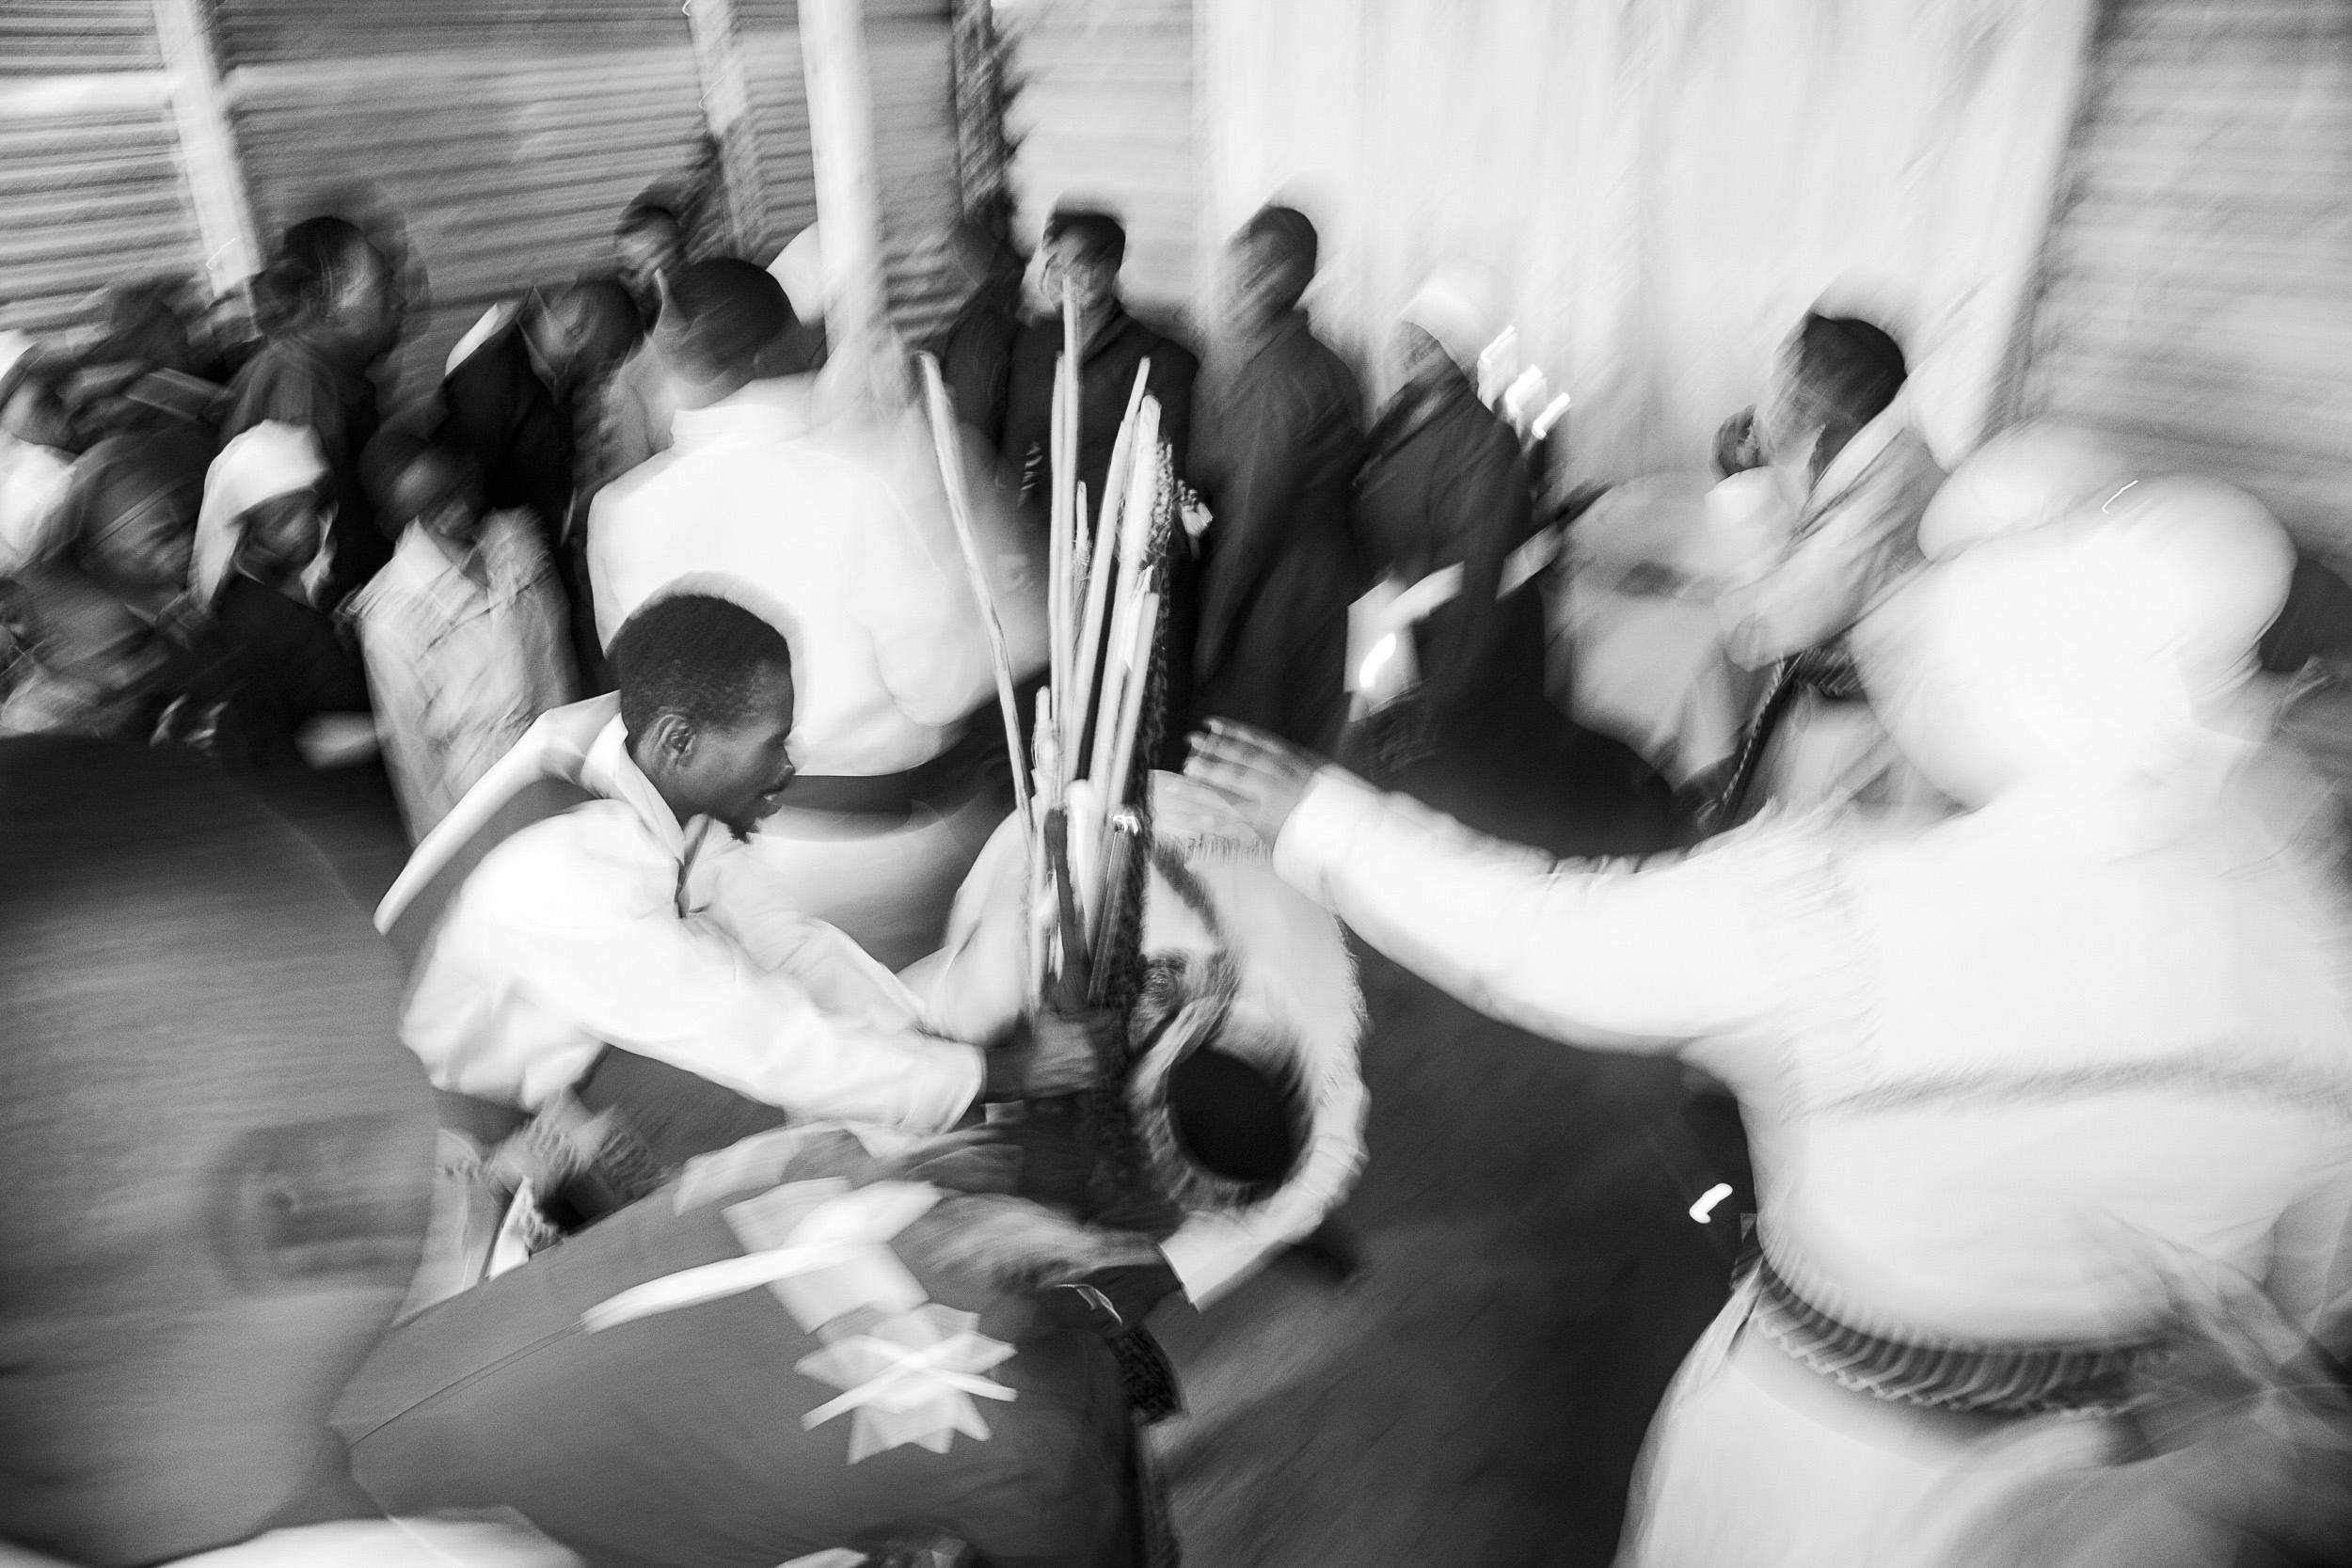 Undated: Hlomani Izikhali II – Ukuphila KwamaKrestu under Bishop Mancele prays for the spiritual staves as church begins.